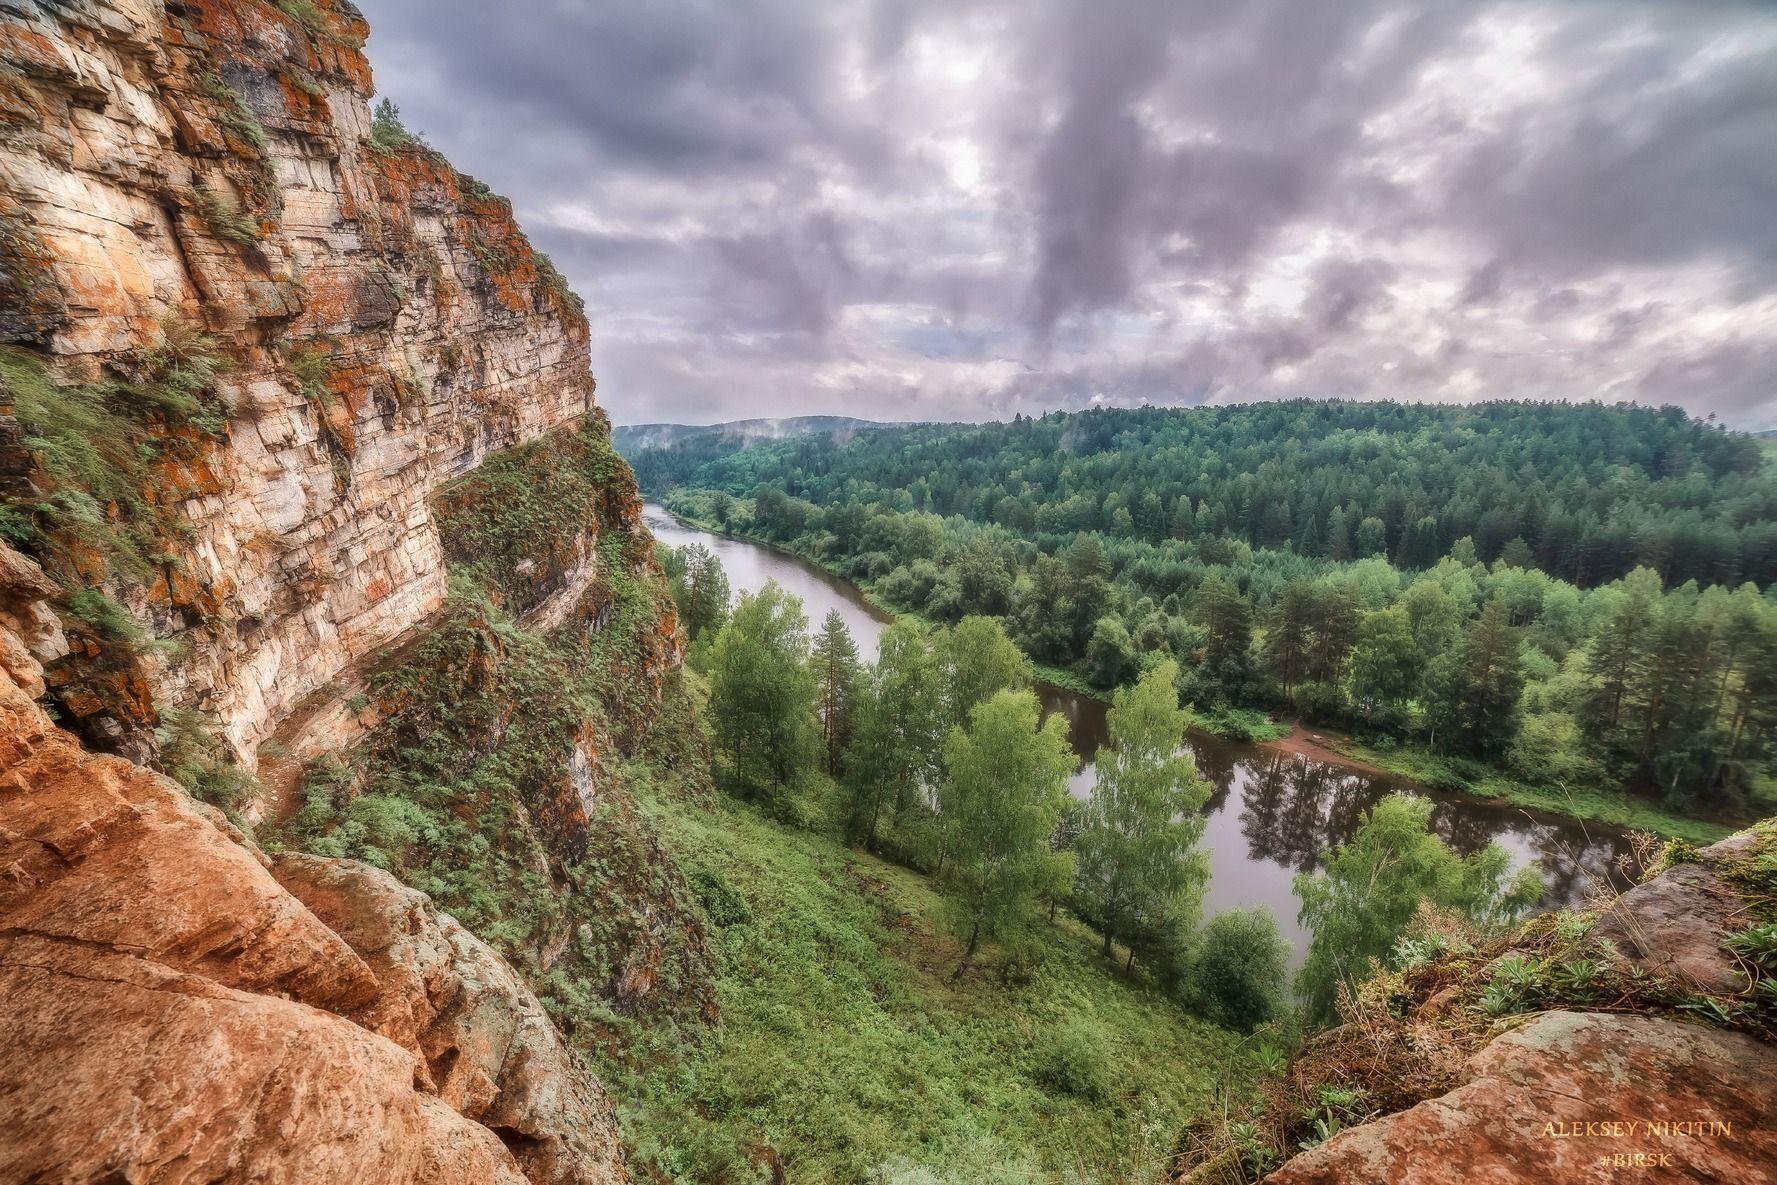 Идрисовские скалы на реке Юрюзань